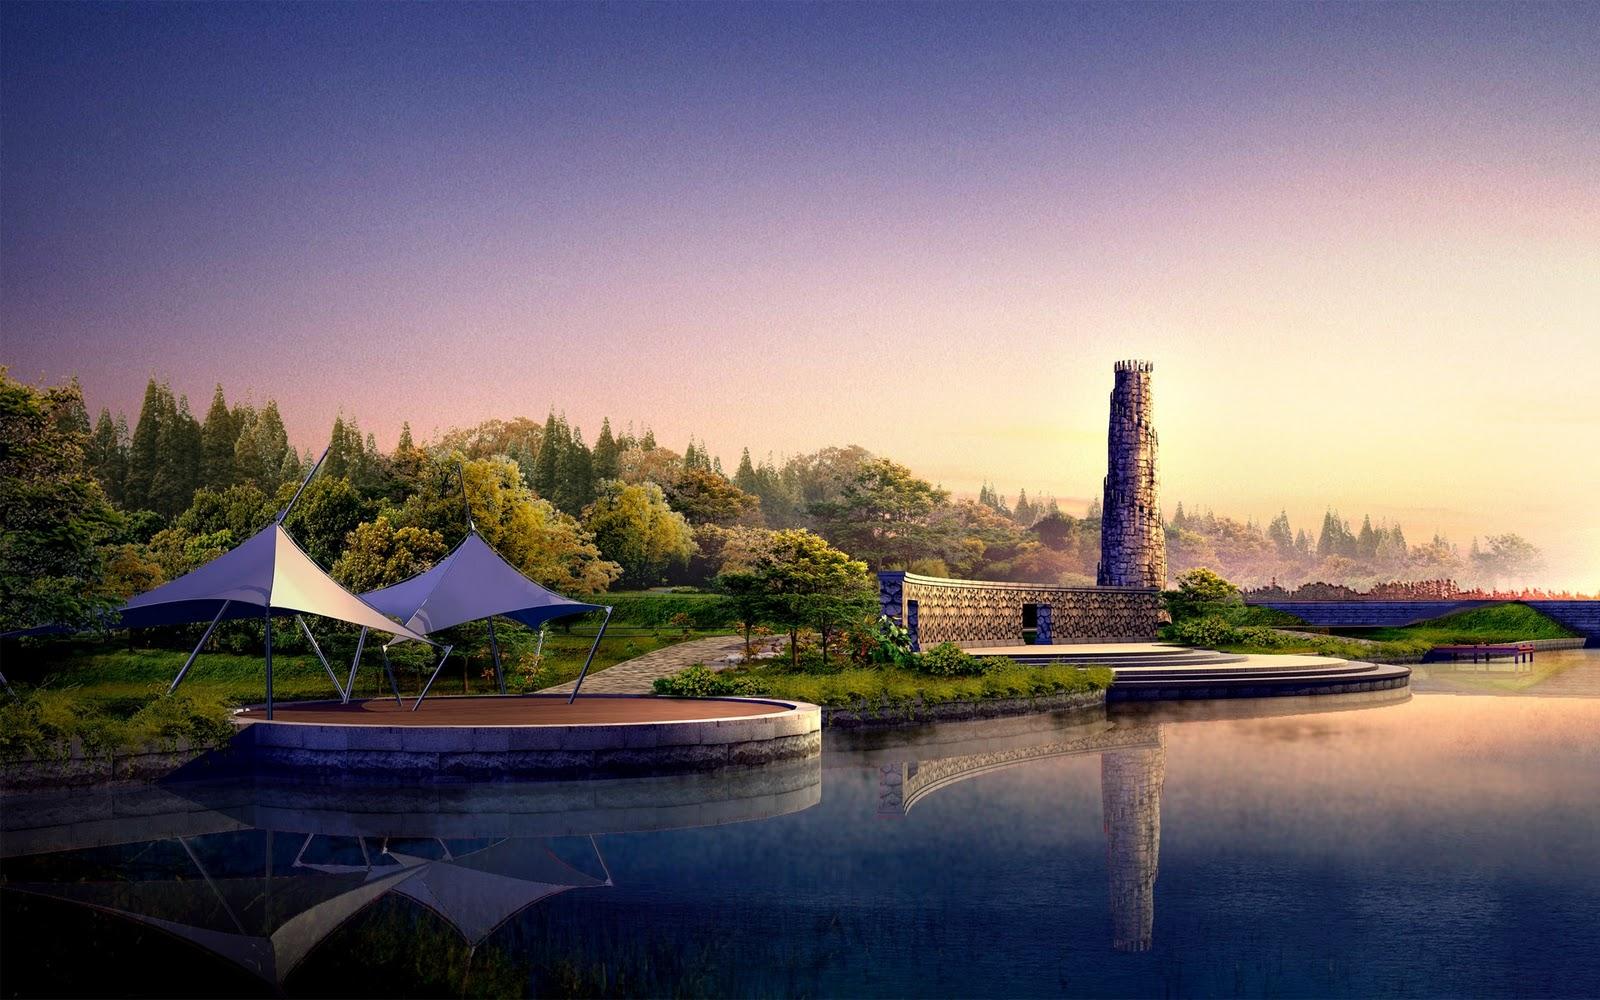 http://1.bp.blogspot.com/_kRnqu-w9J50/TScbnKbSGGI/AAAAAAAAADk/KYPUKxc3Wss/s1600/Japan_Digital_Landscape__16.jpg